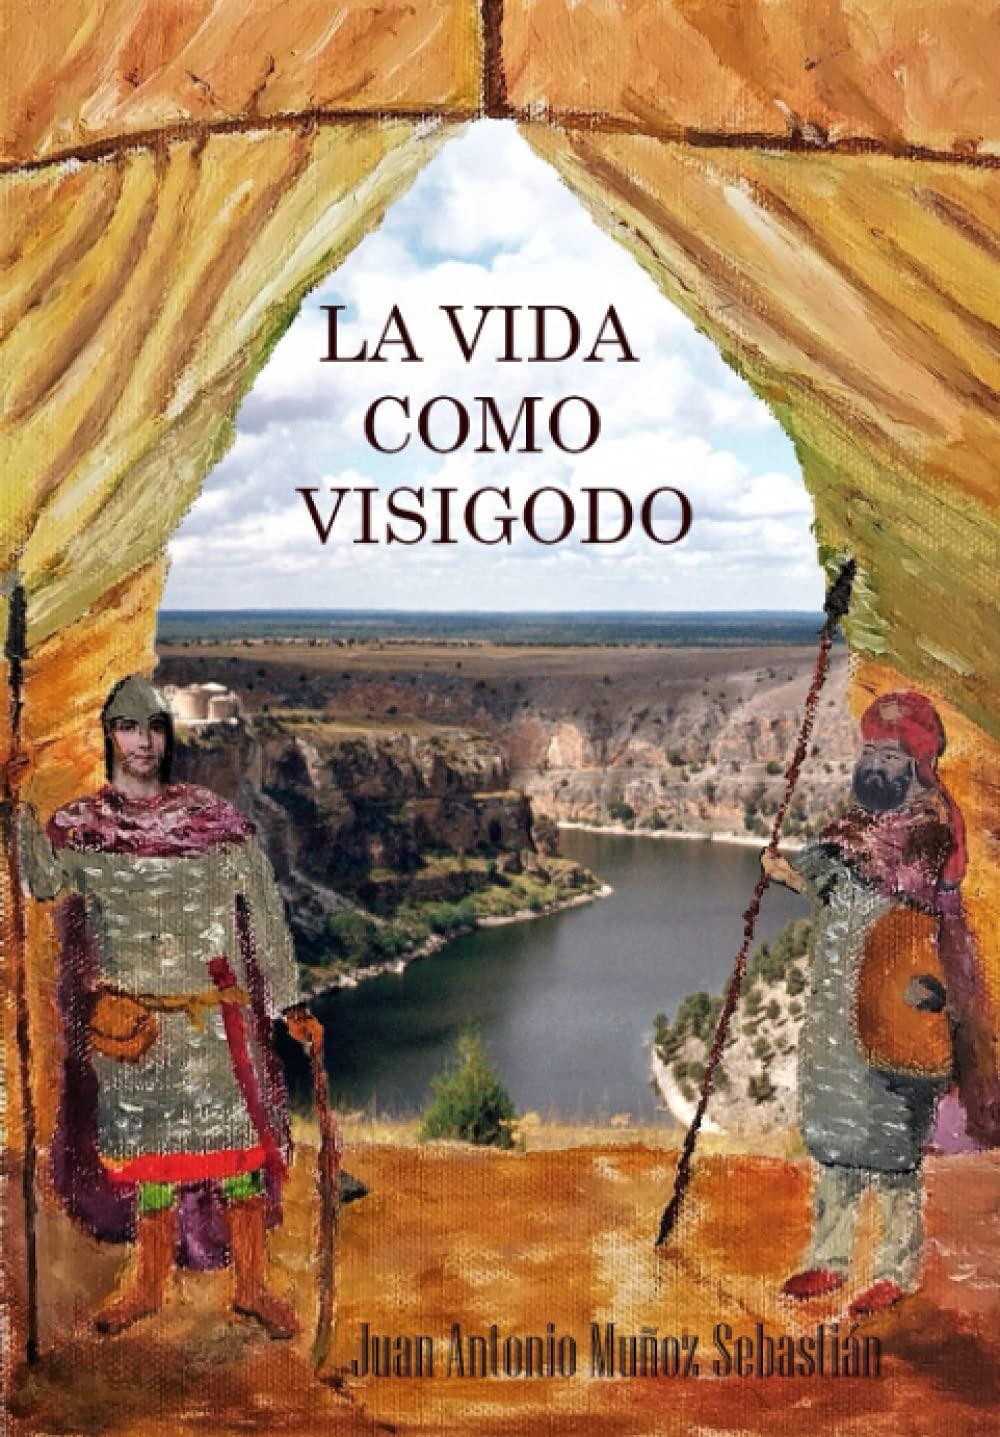 La vida como visigodo Book Cover